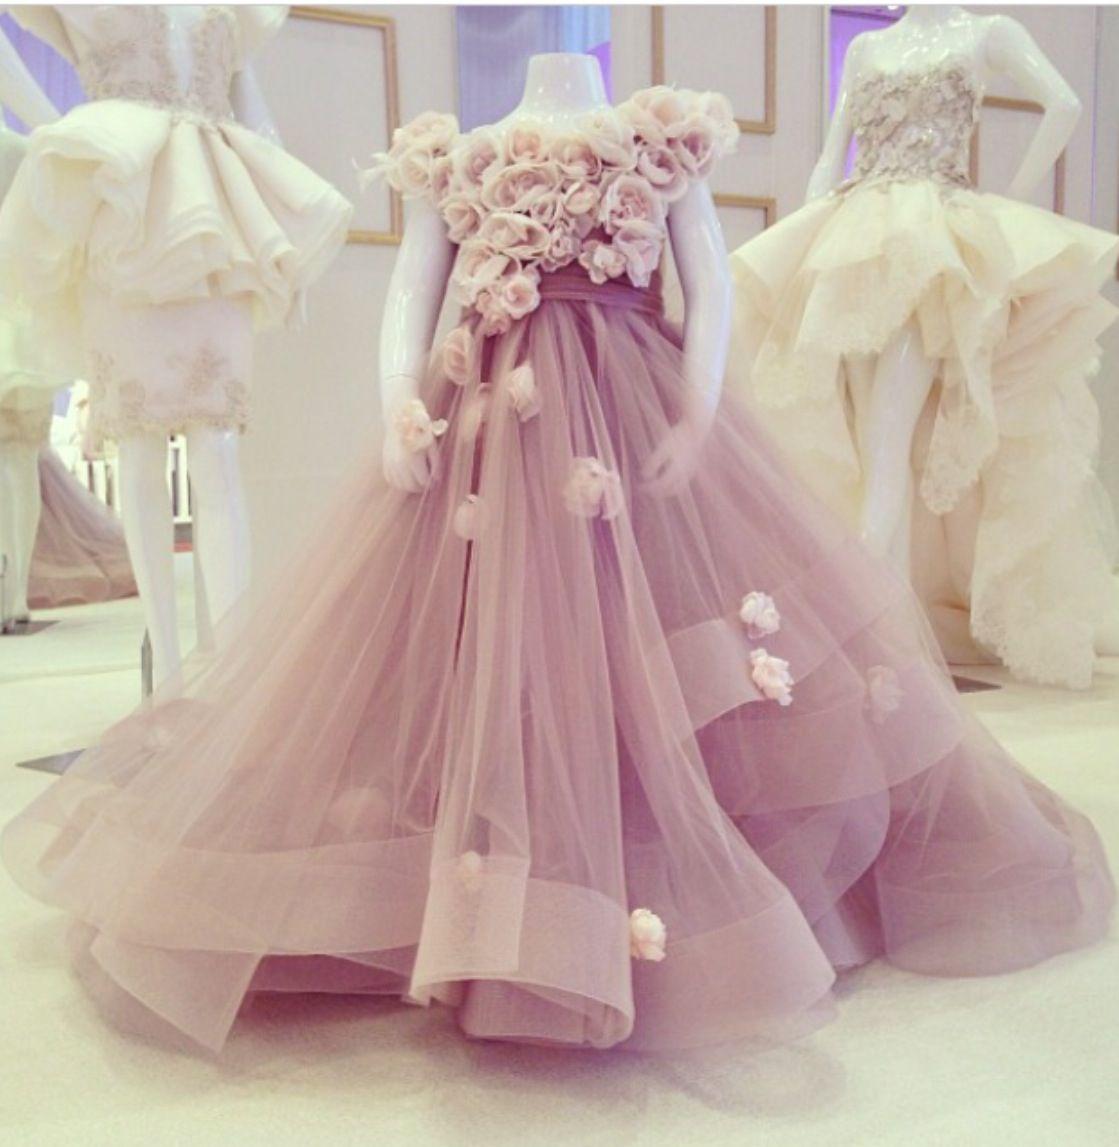 Flower girl designer krikor jabotian gowns for the little ones